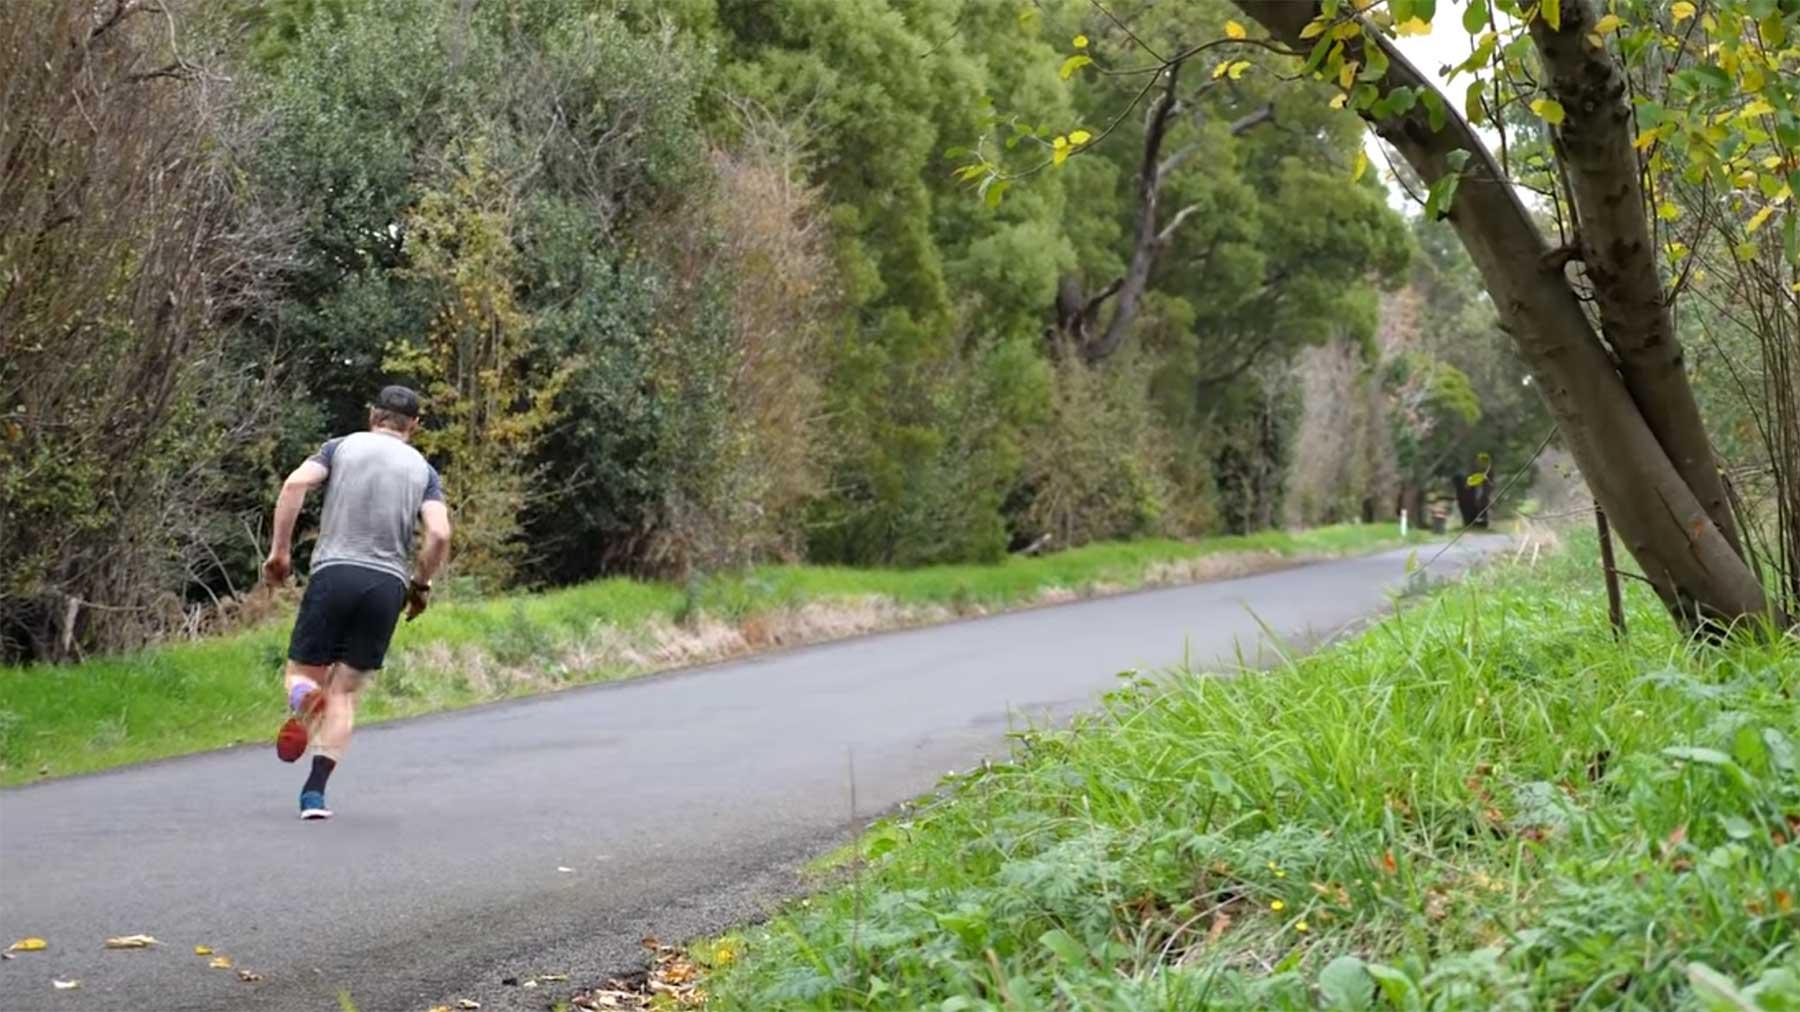 24-Stunden-Produktivsein-Marathon a-mile-an-hour-24-stunden-marathon